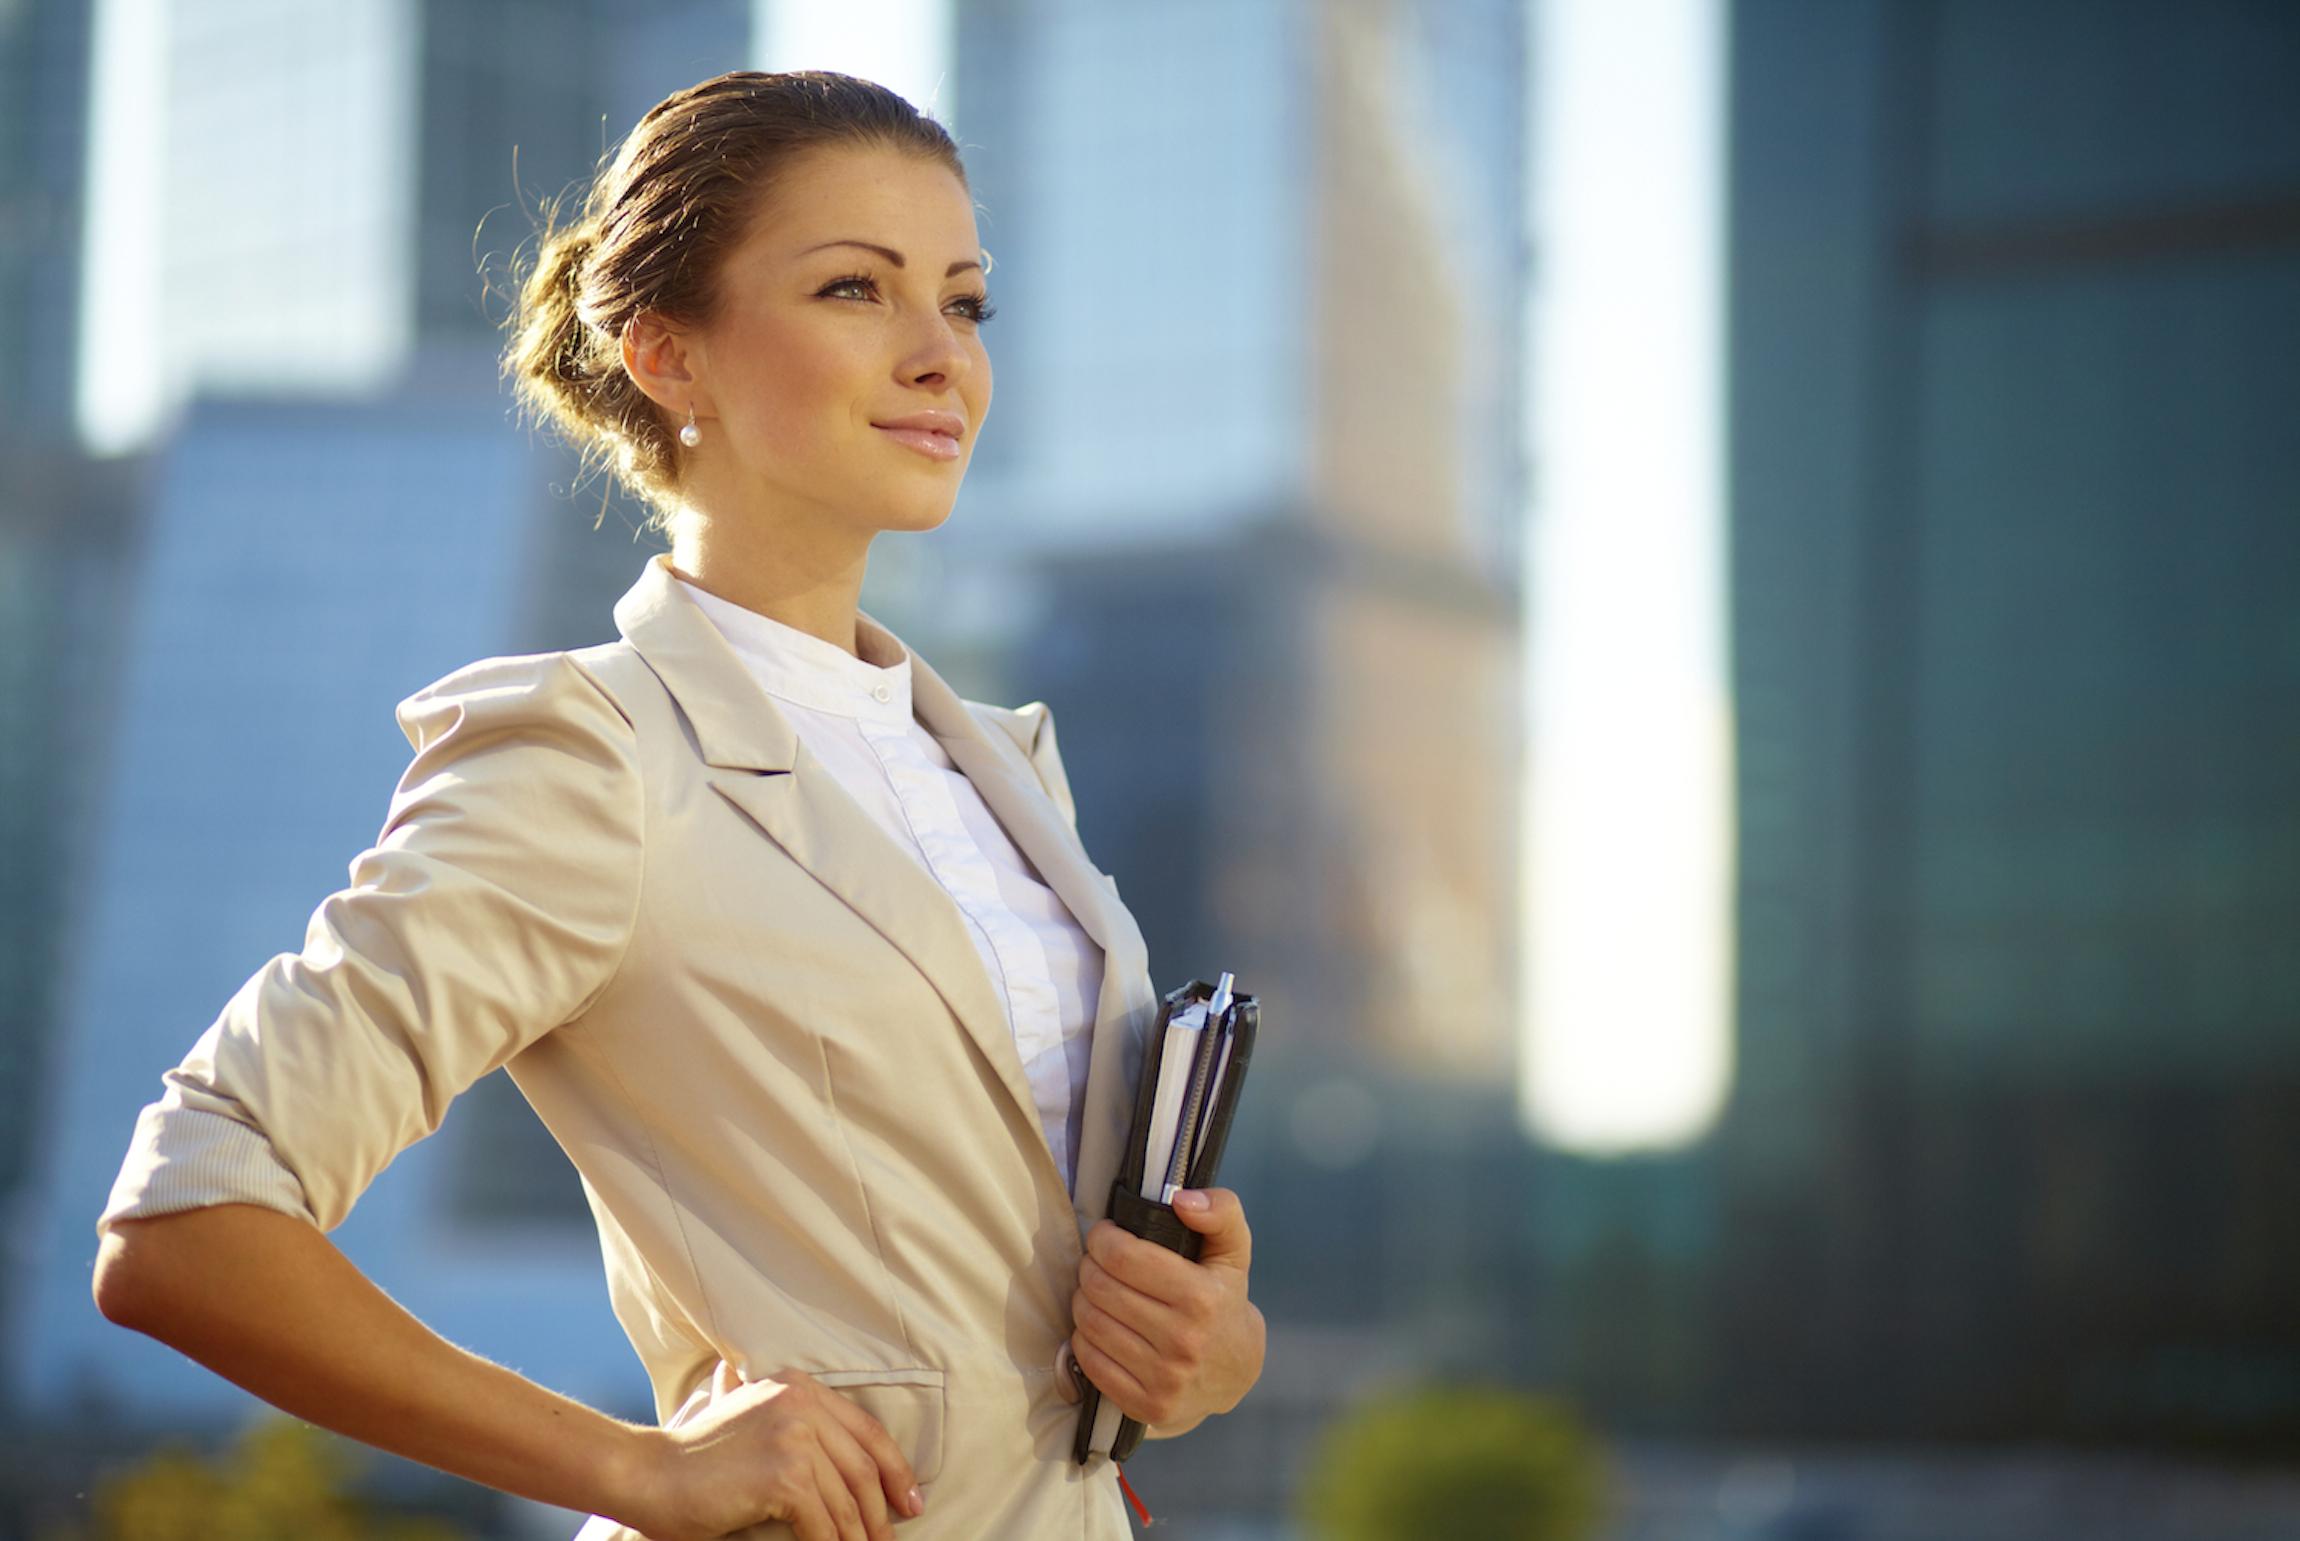 Posao koji tražiš, traži tebe